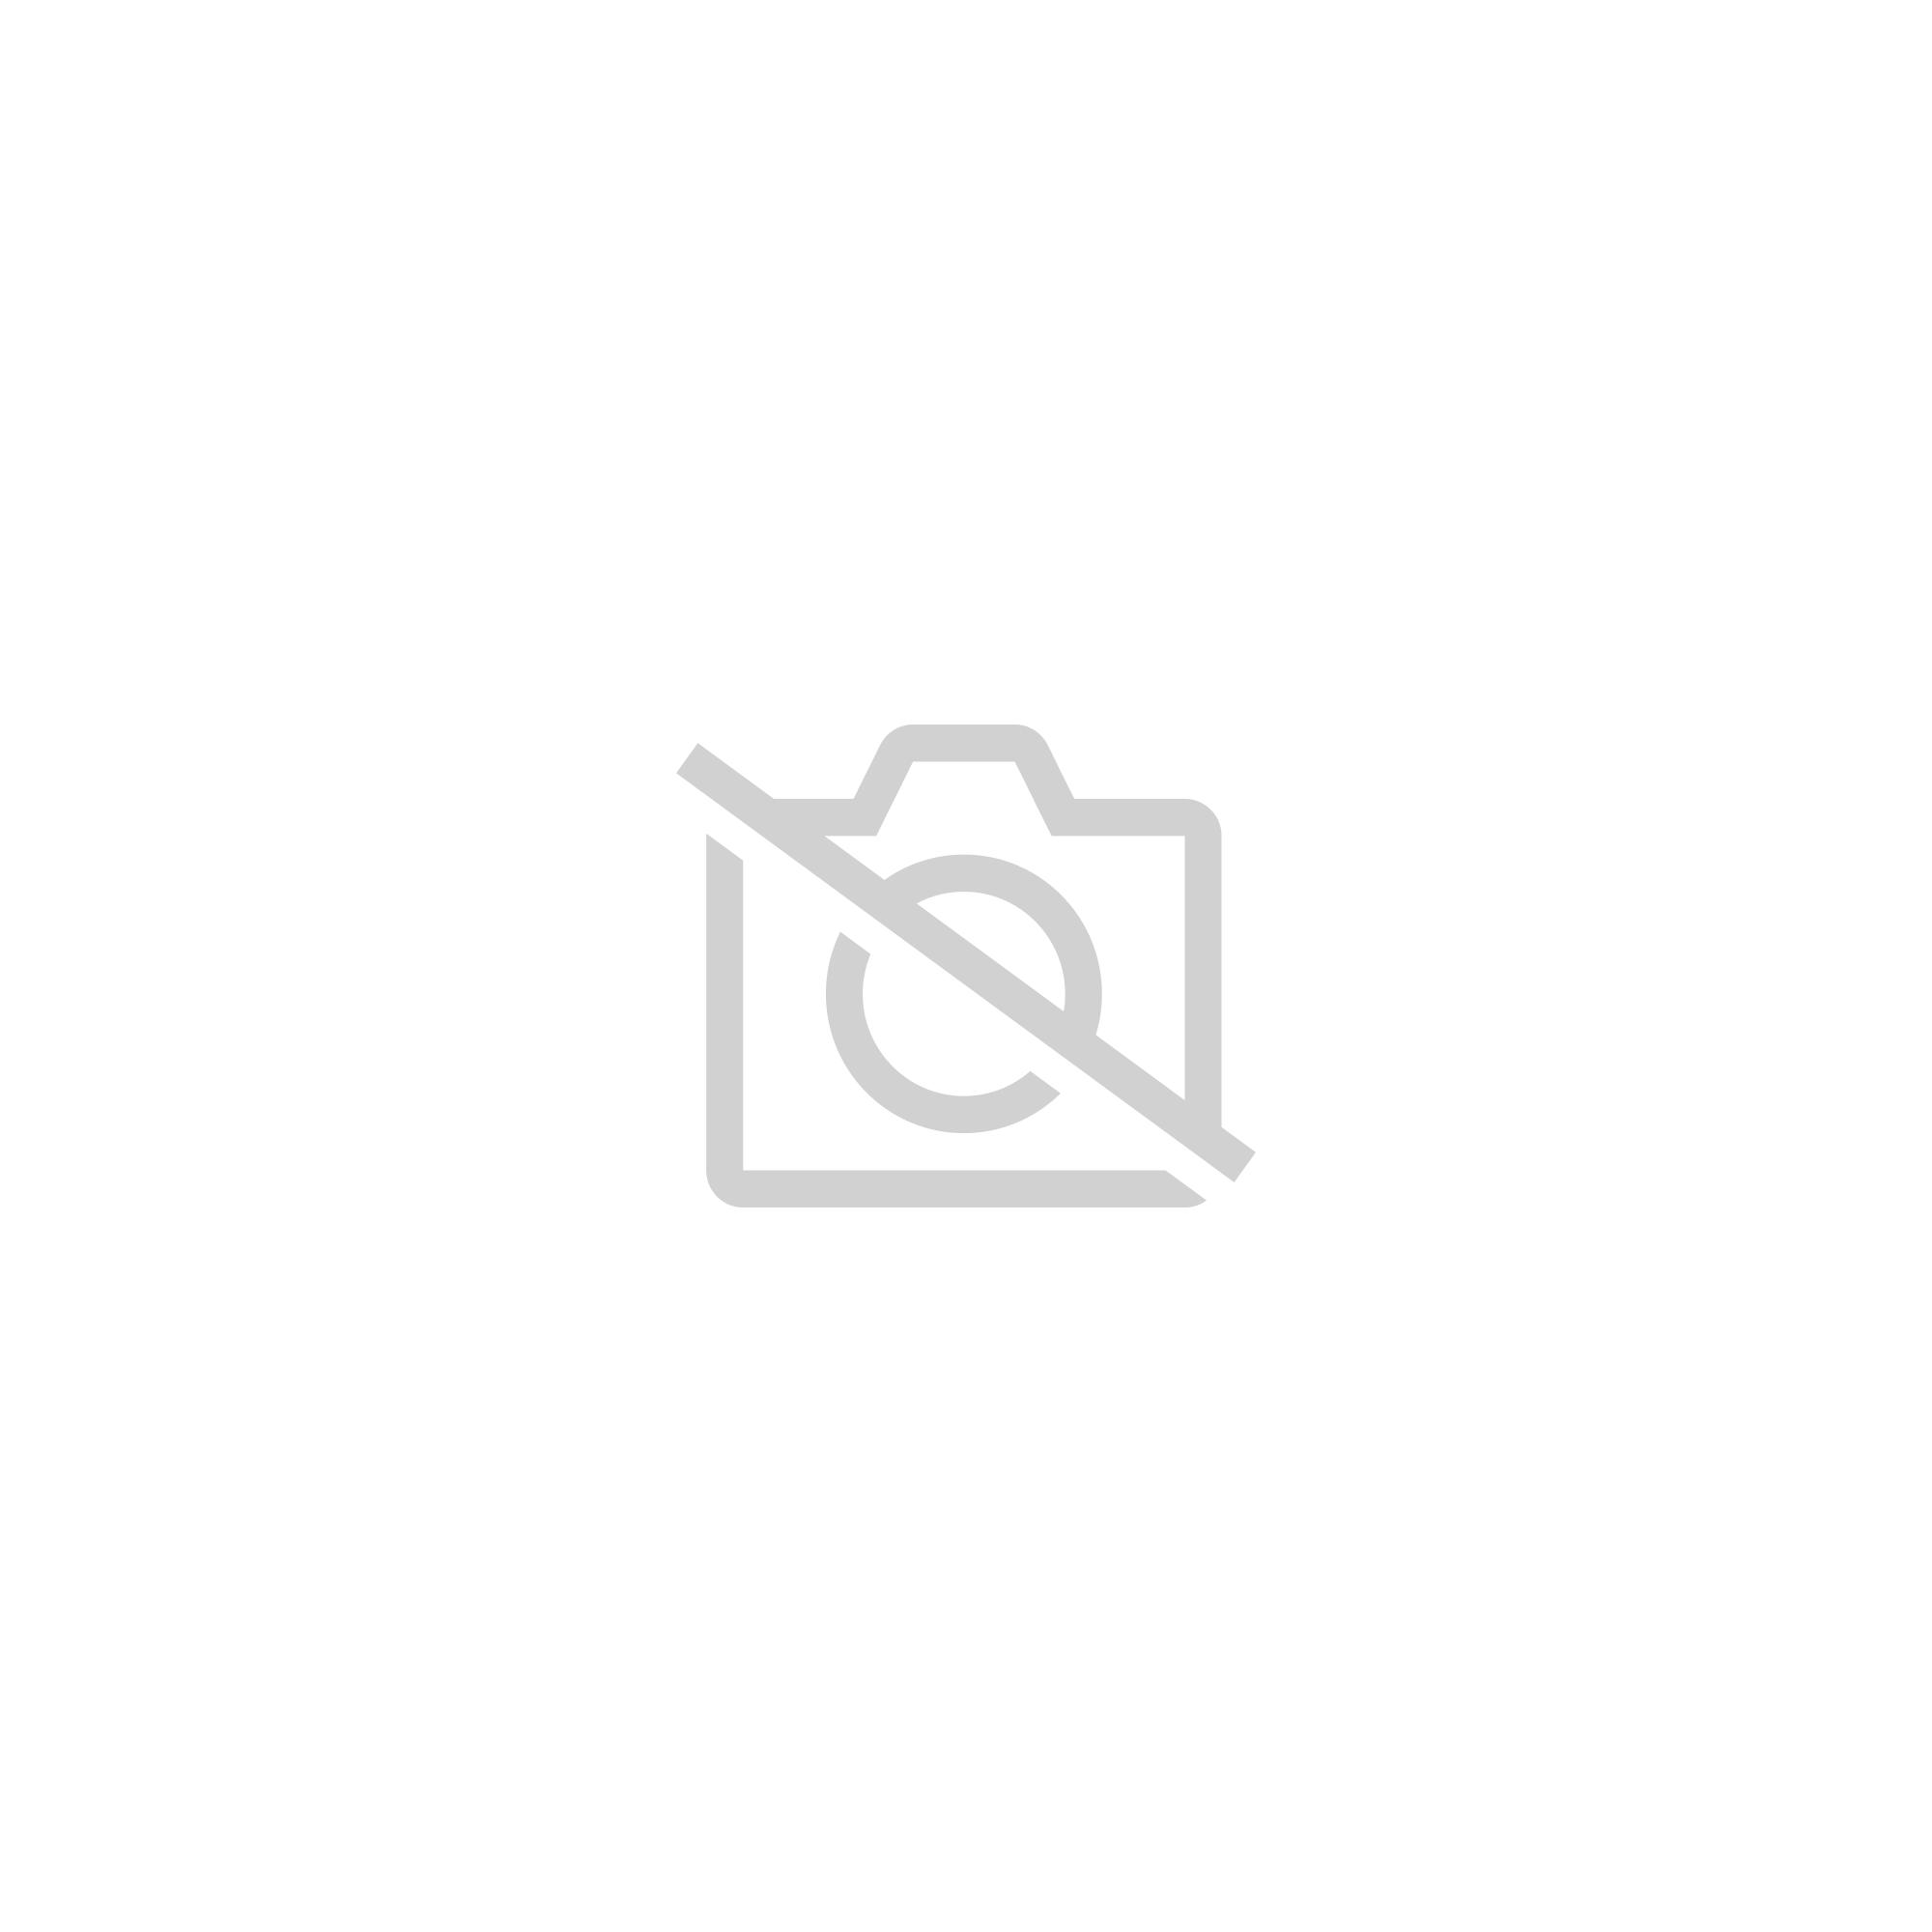 """Acer V193WLb - Écran LCD - TFT - rétroéclairage par DEL - 19"""" - écran large - 1440 x 900 - 250 cd/m2 - 8000000:1 (dy"""